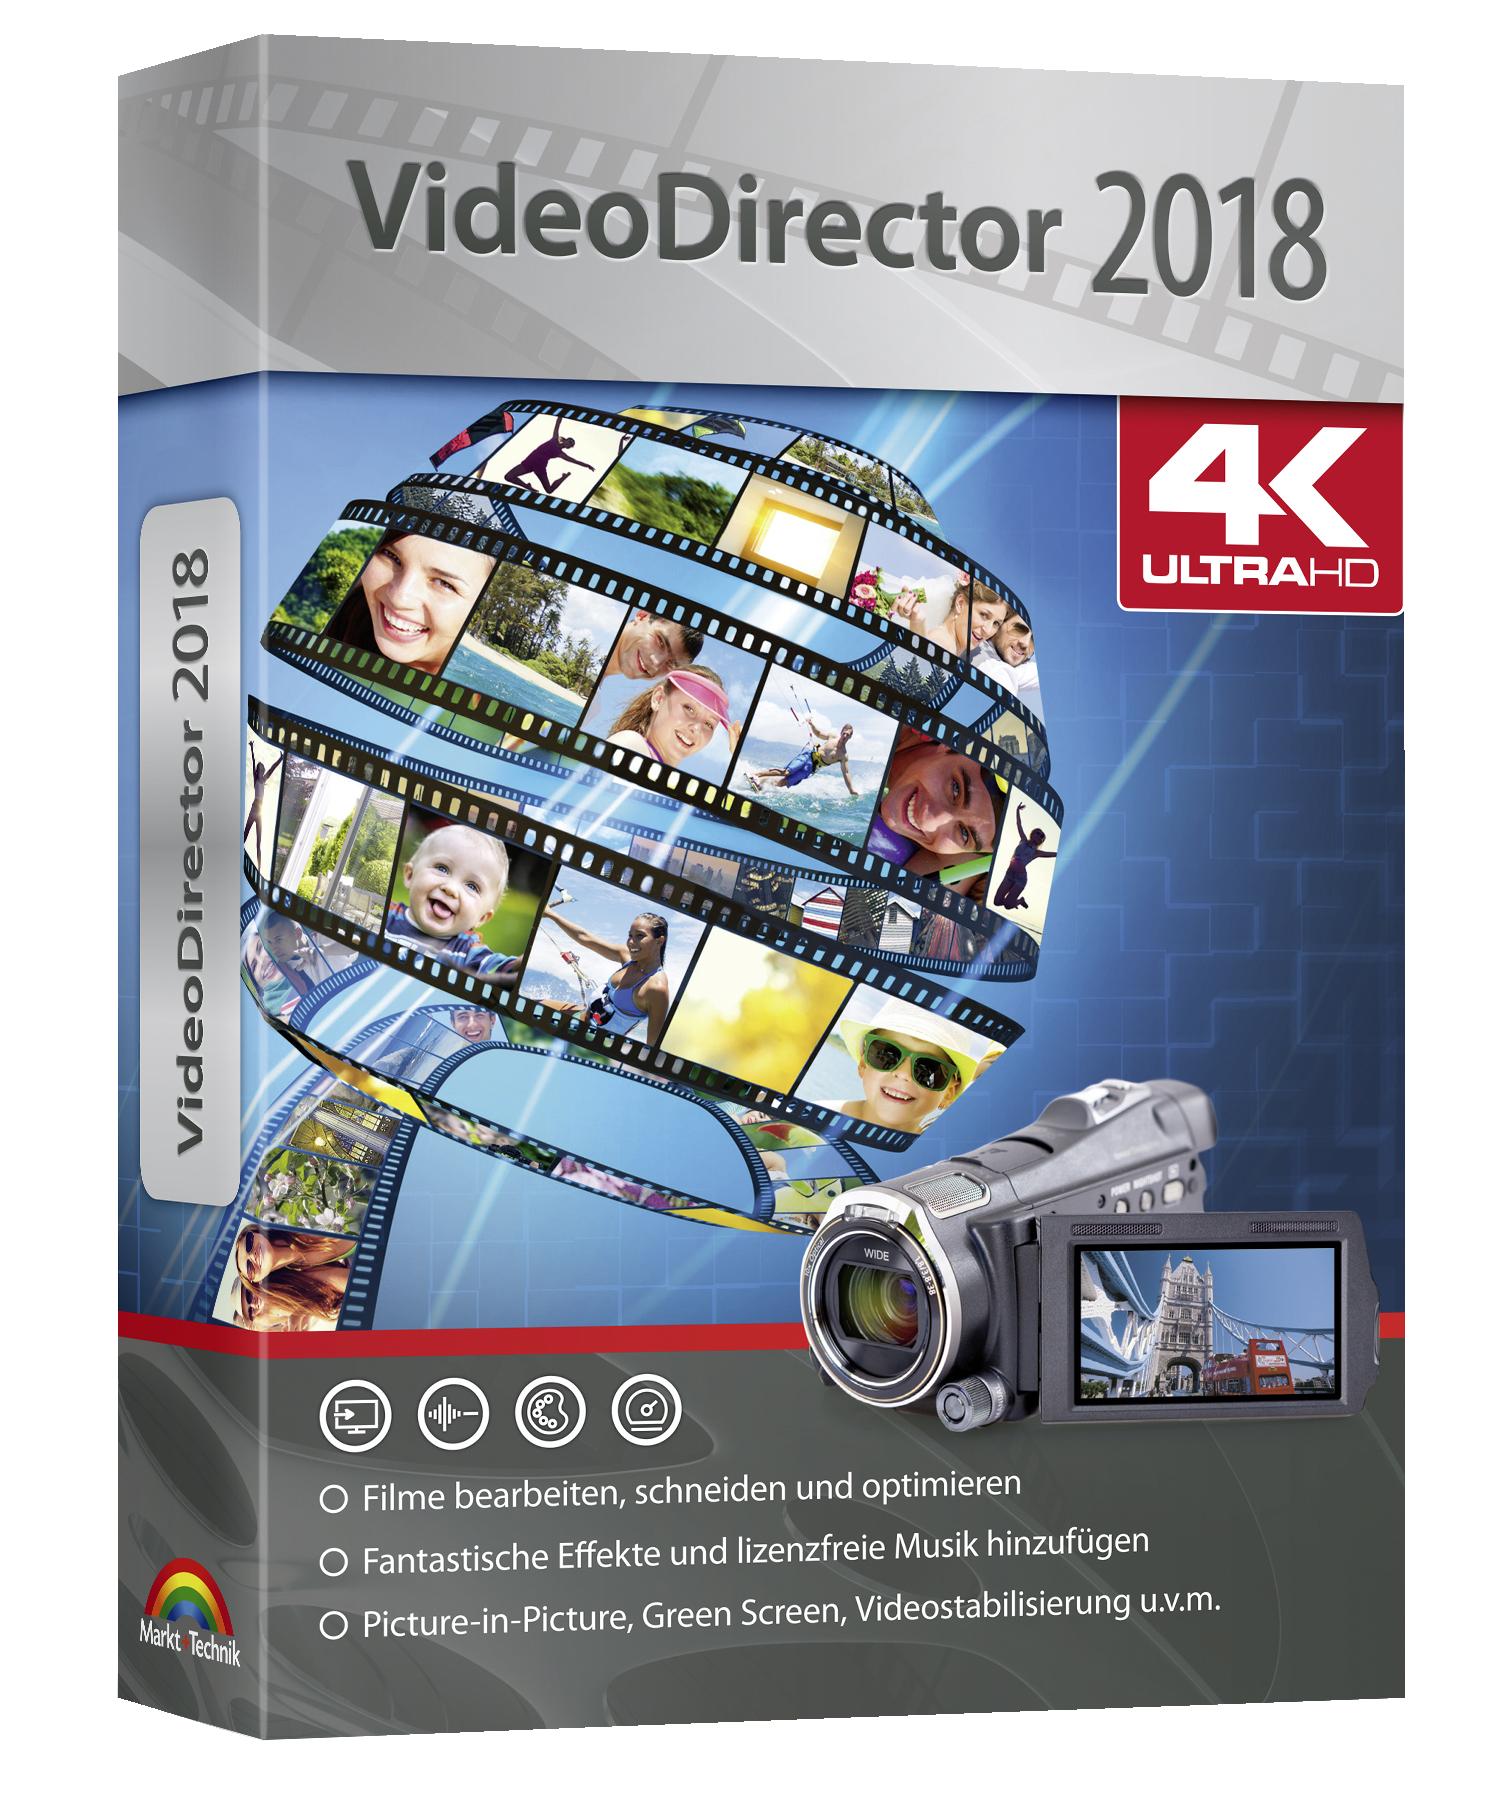 PC_VideoDirector2018_Standard_3D Erstaunlich Große Lampen Für Hohe Räume Dekorationen